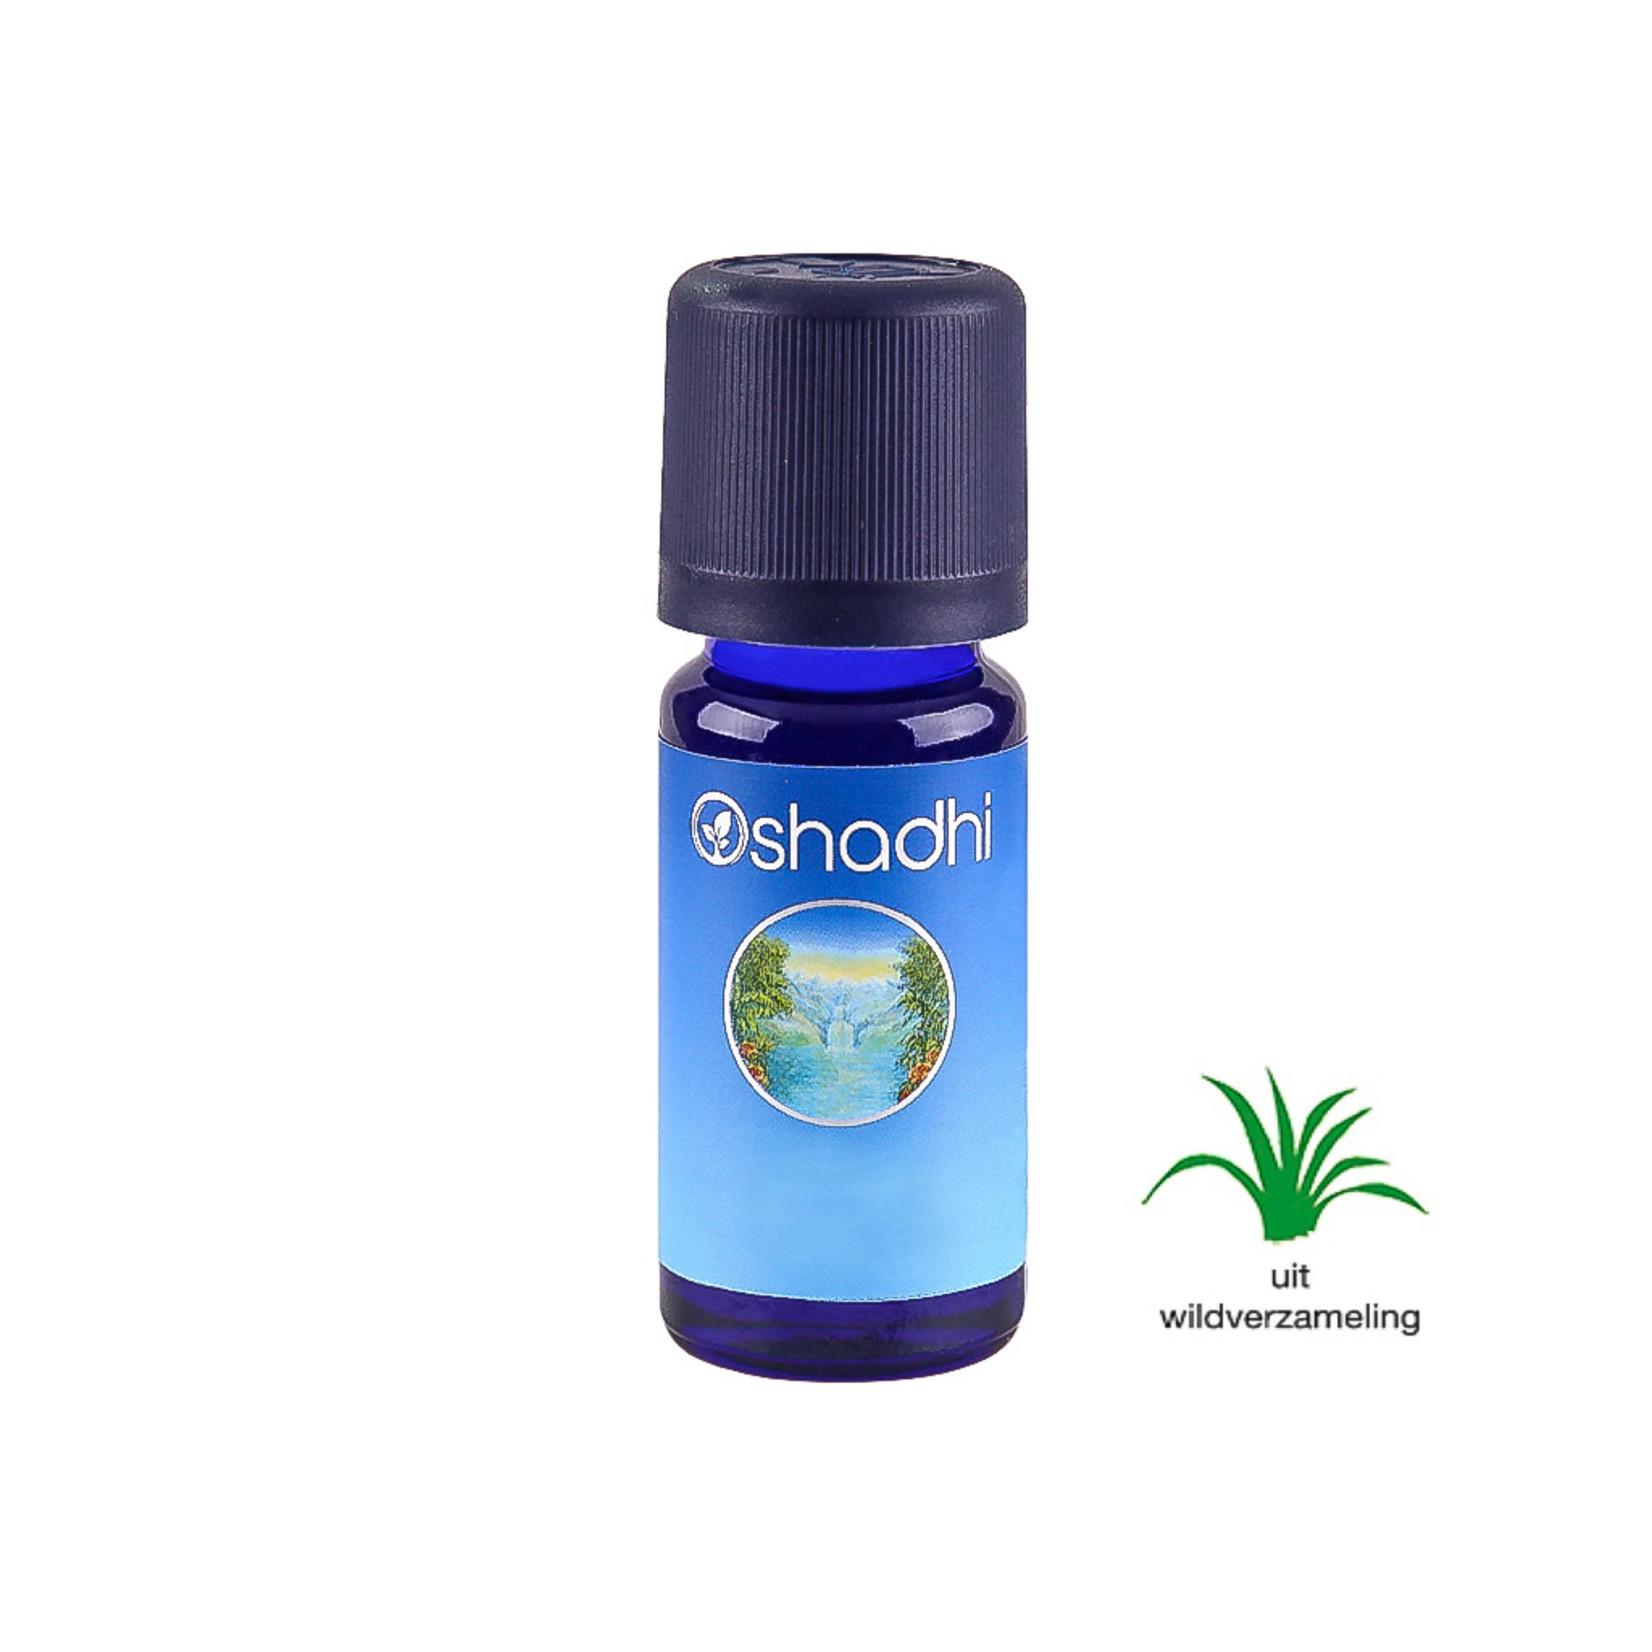 Oshadhi Citroeneucalyptus Oshadhi - insectenverdrijver - 10ml